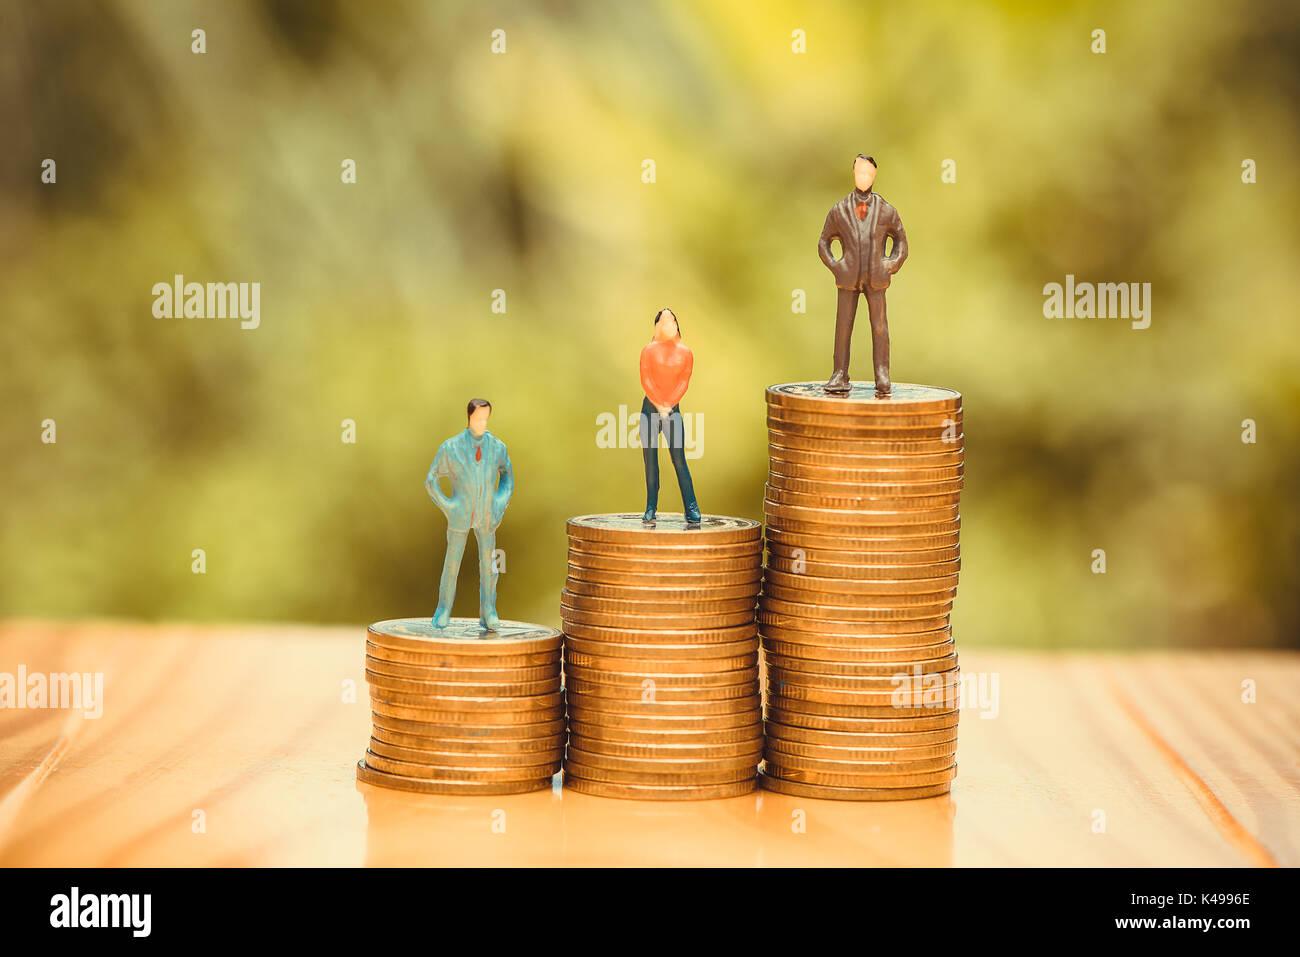 Persone in miniatura, piccole figure uomini d affari e donna sulla parte superiore delle monete. Denaro e finanziari, la crescita aziendale concetto. shallow focus in toni delicati. Immagini Stock